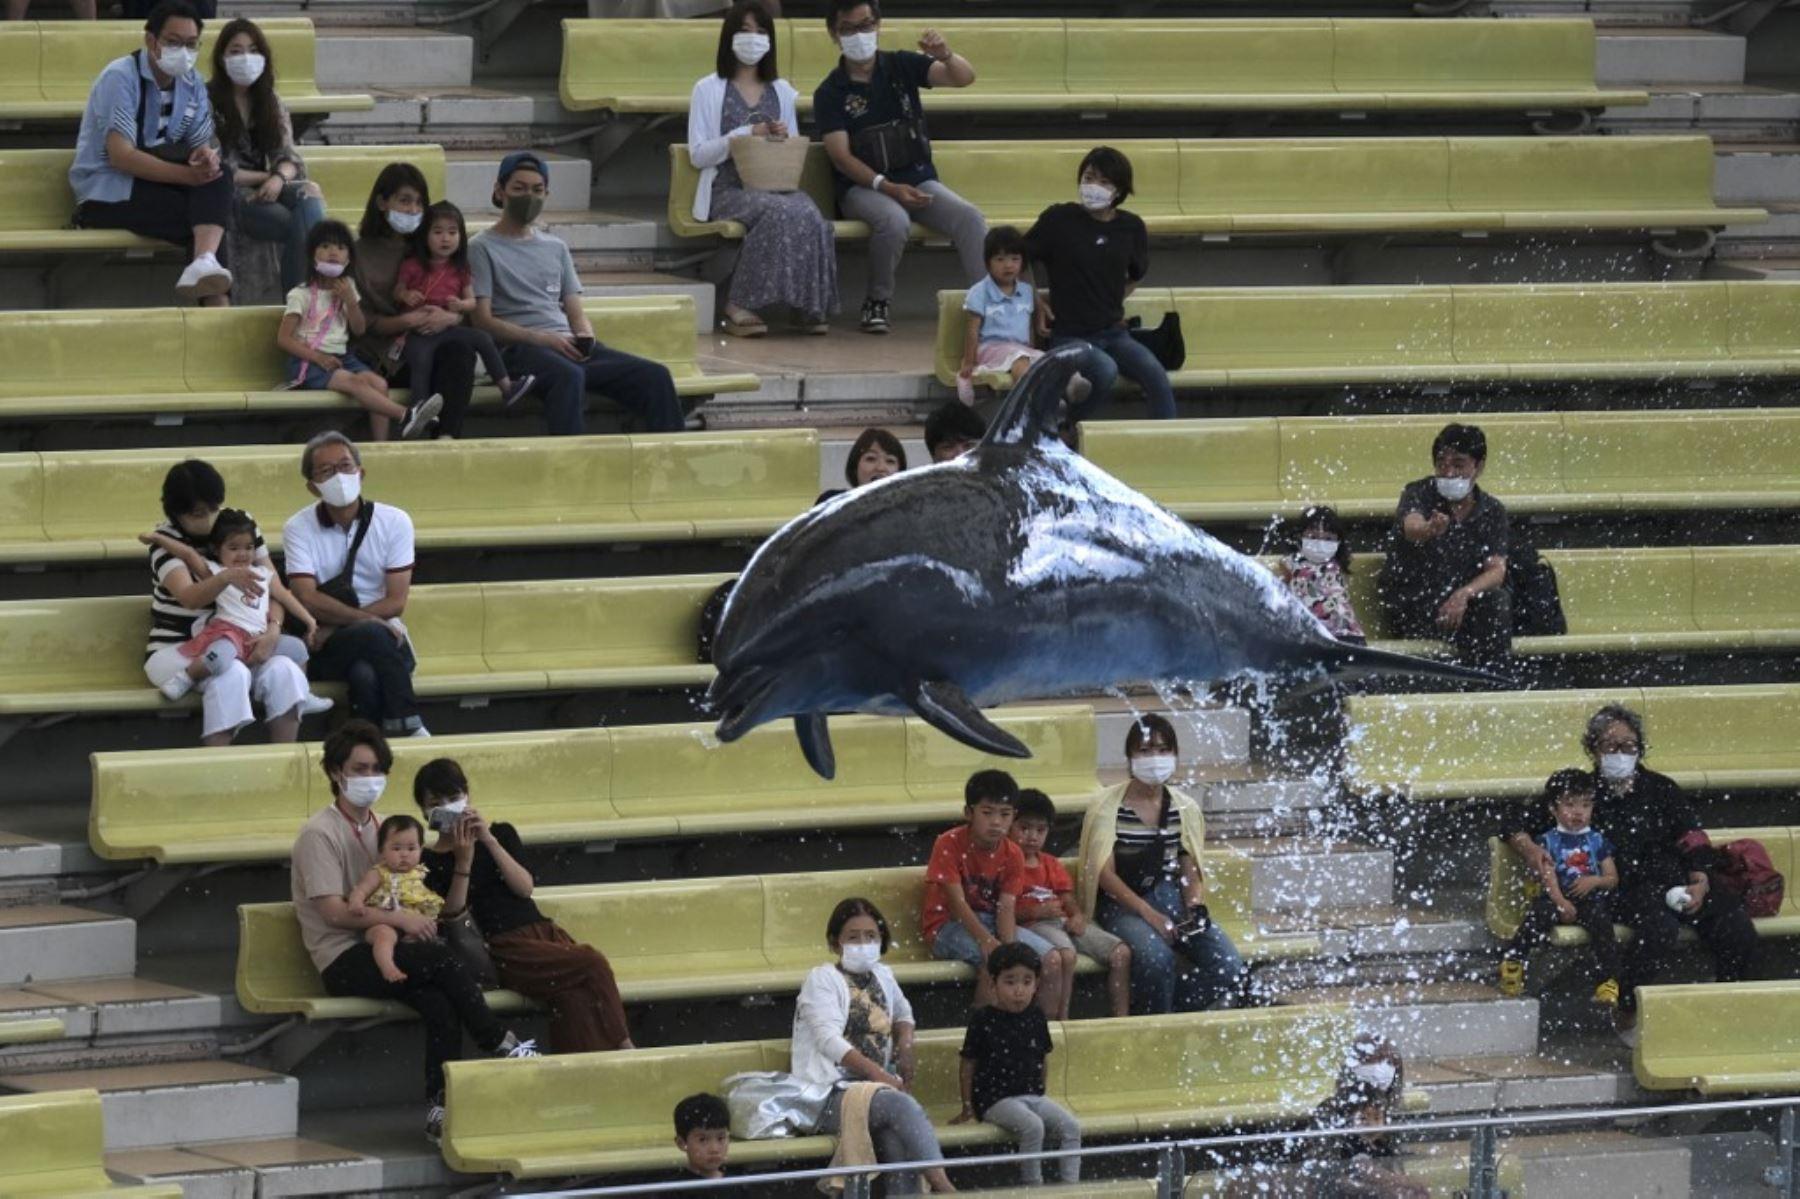 Los visitantes miran un espectáculo de delfines en el parque temático Hakkeijima Sea Paradise, que fue reabierto después de aproximadamente dos meses, en Yokohama. Foto: AFP